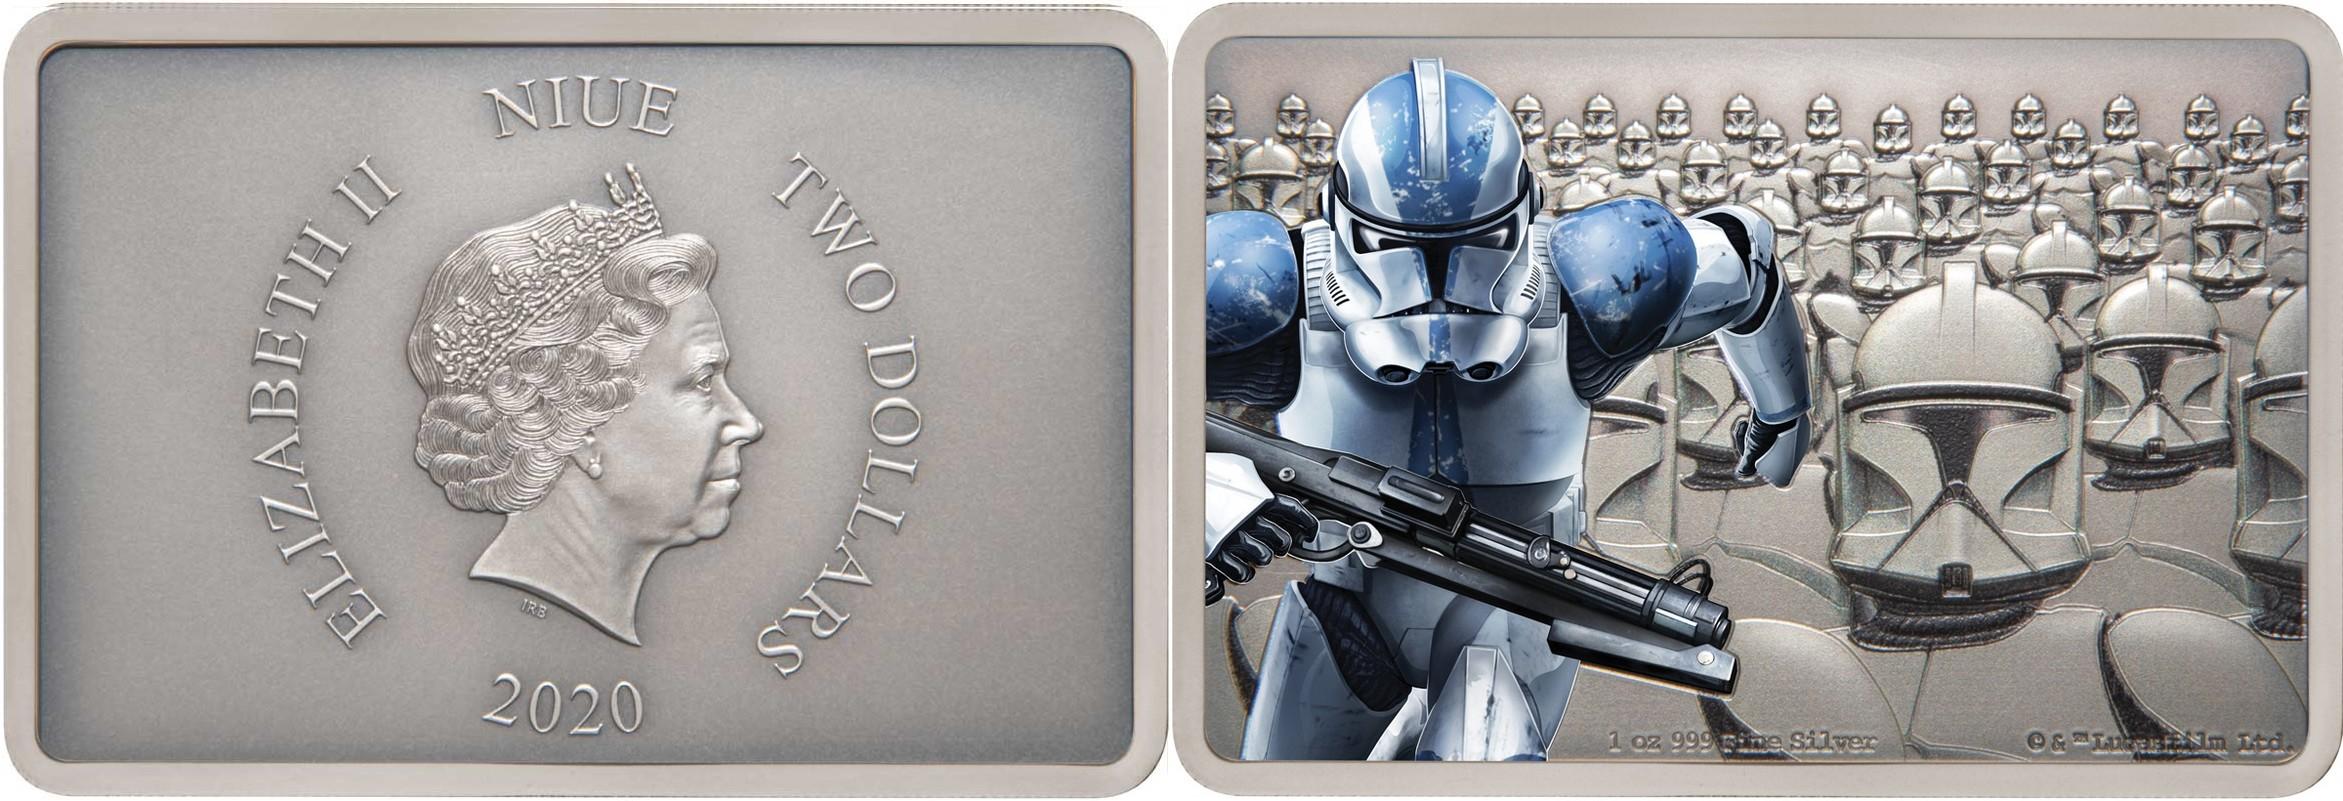 niue-2020-star-wars-clone-troopers